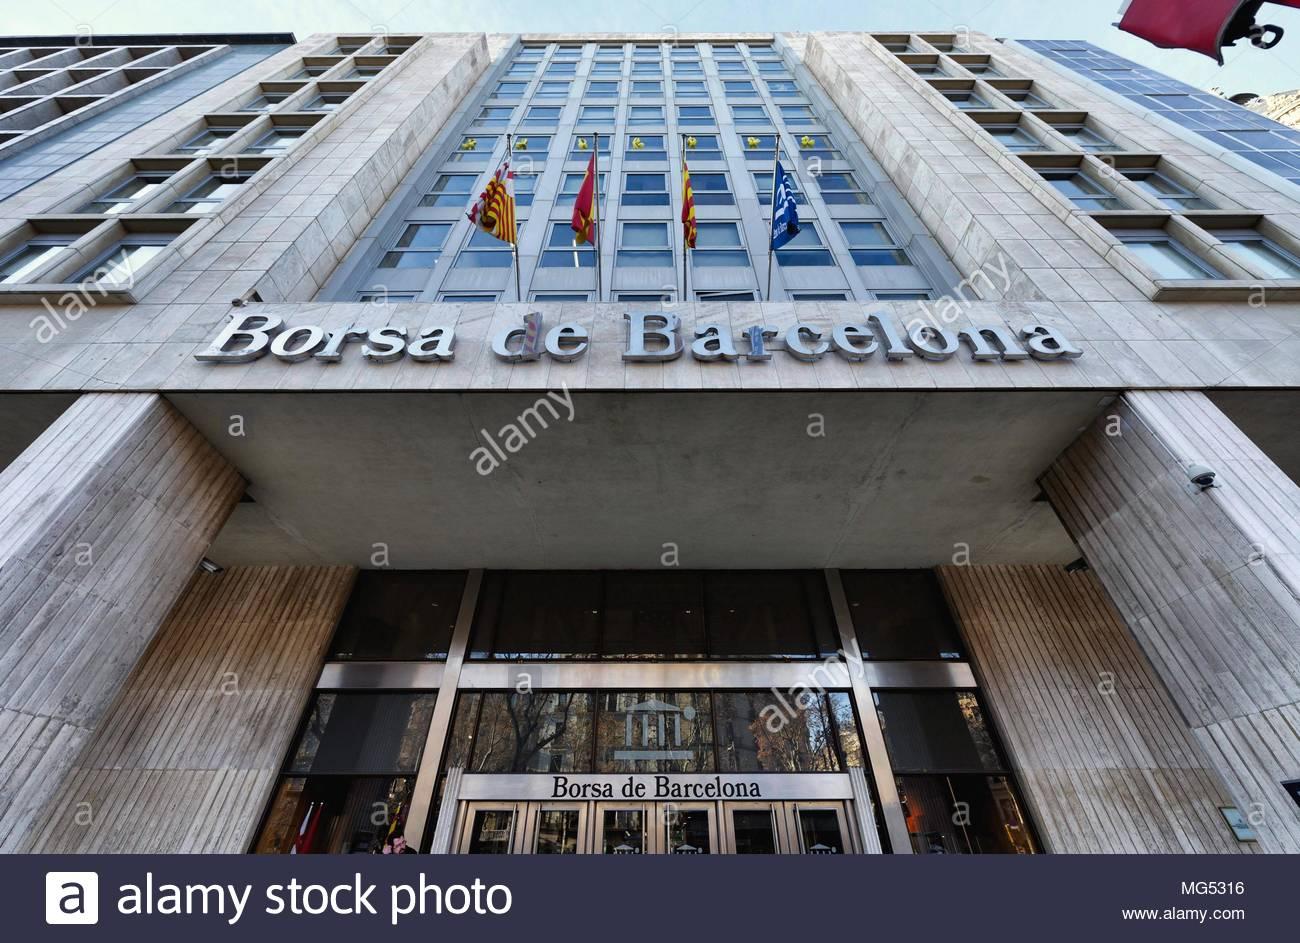 Barcelona Stock Exchange - Stock Image